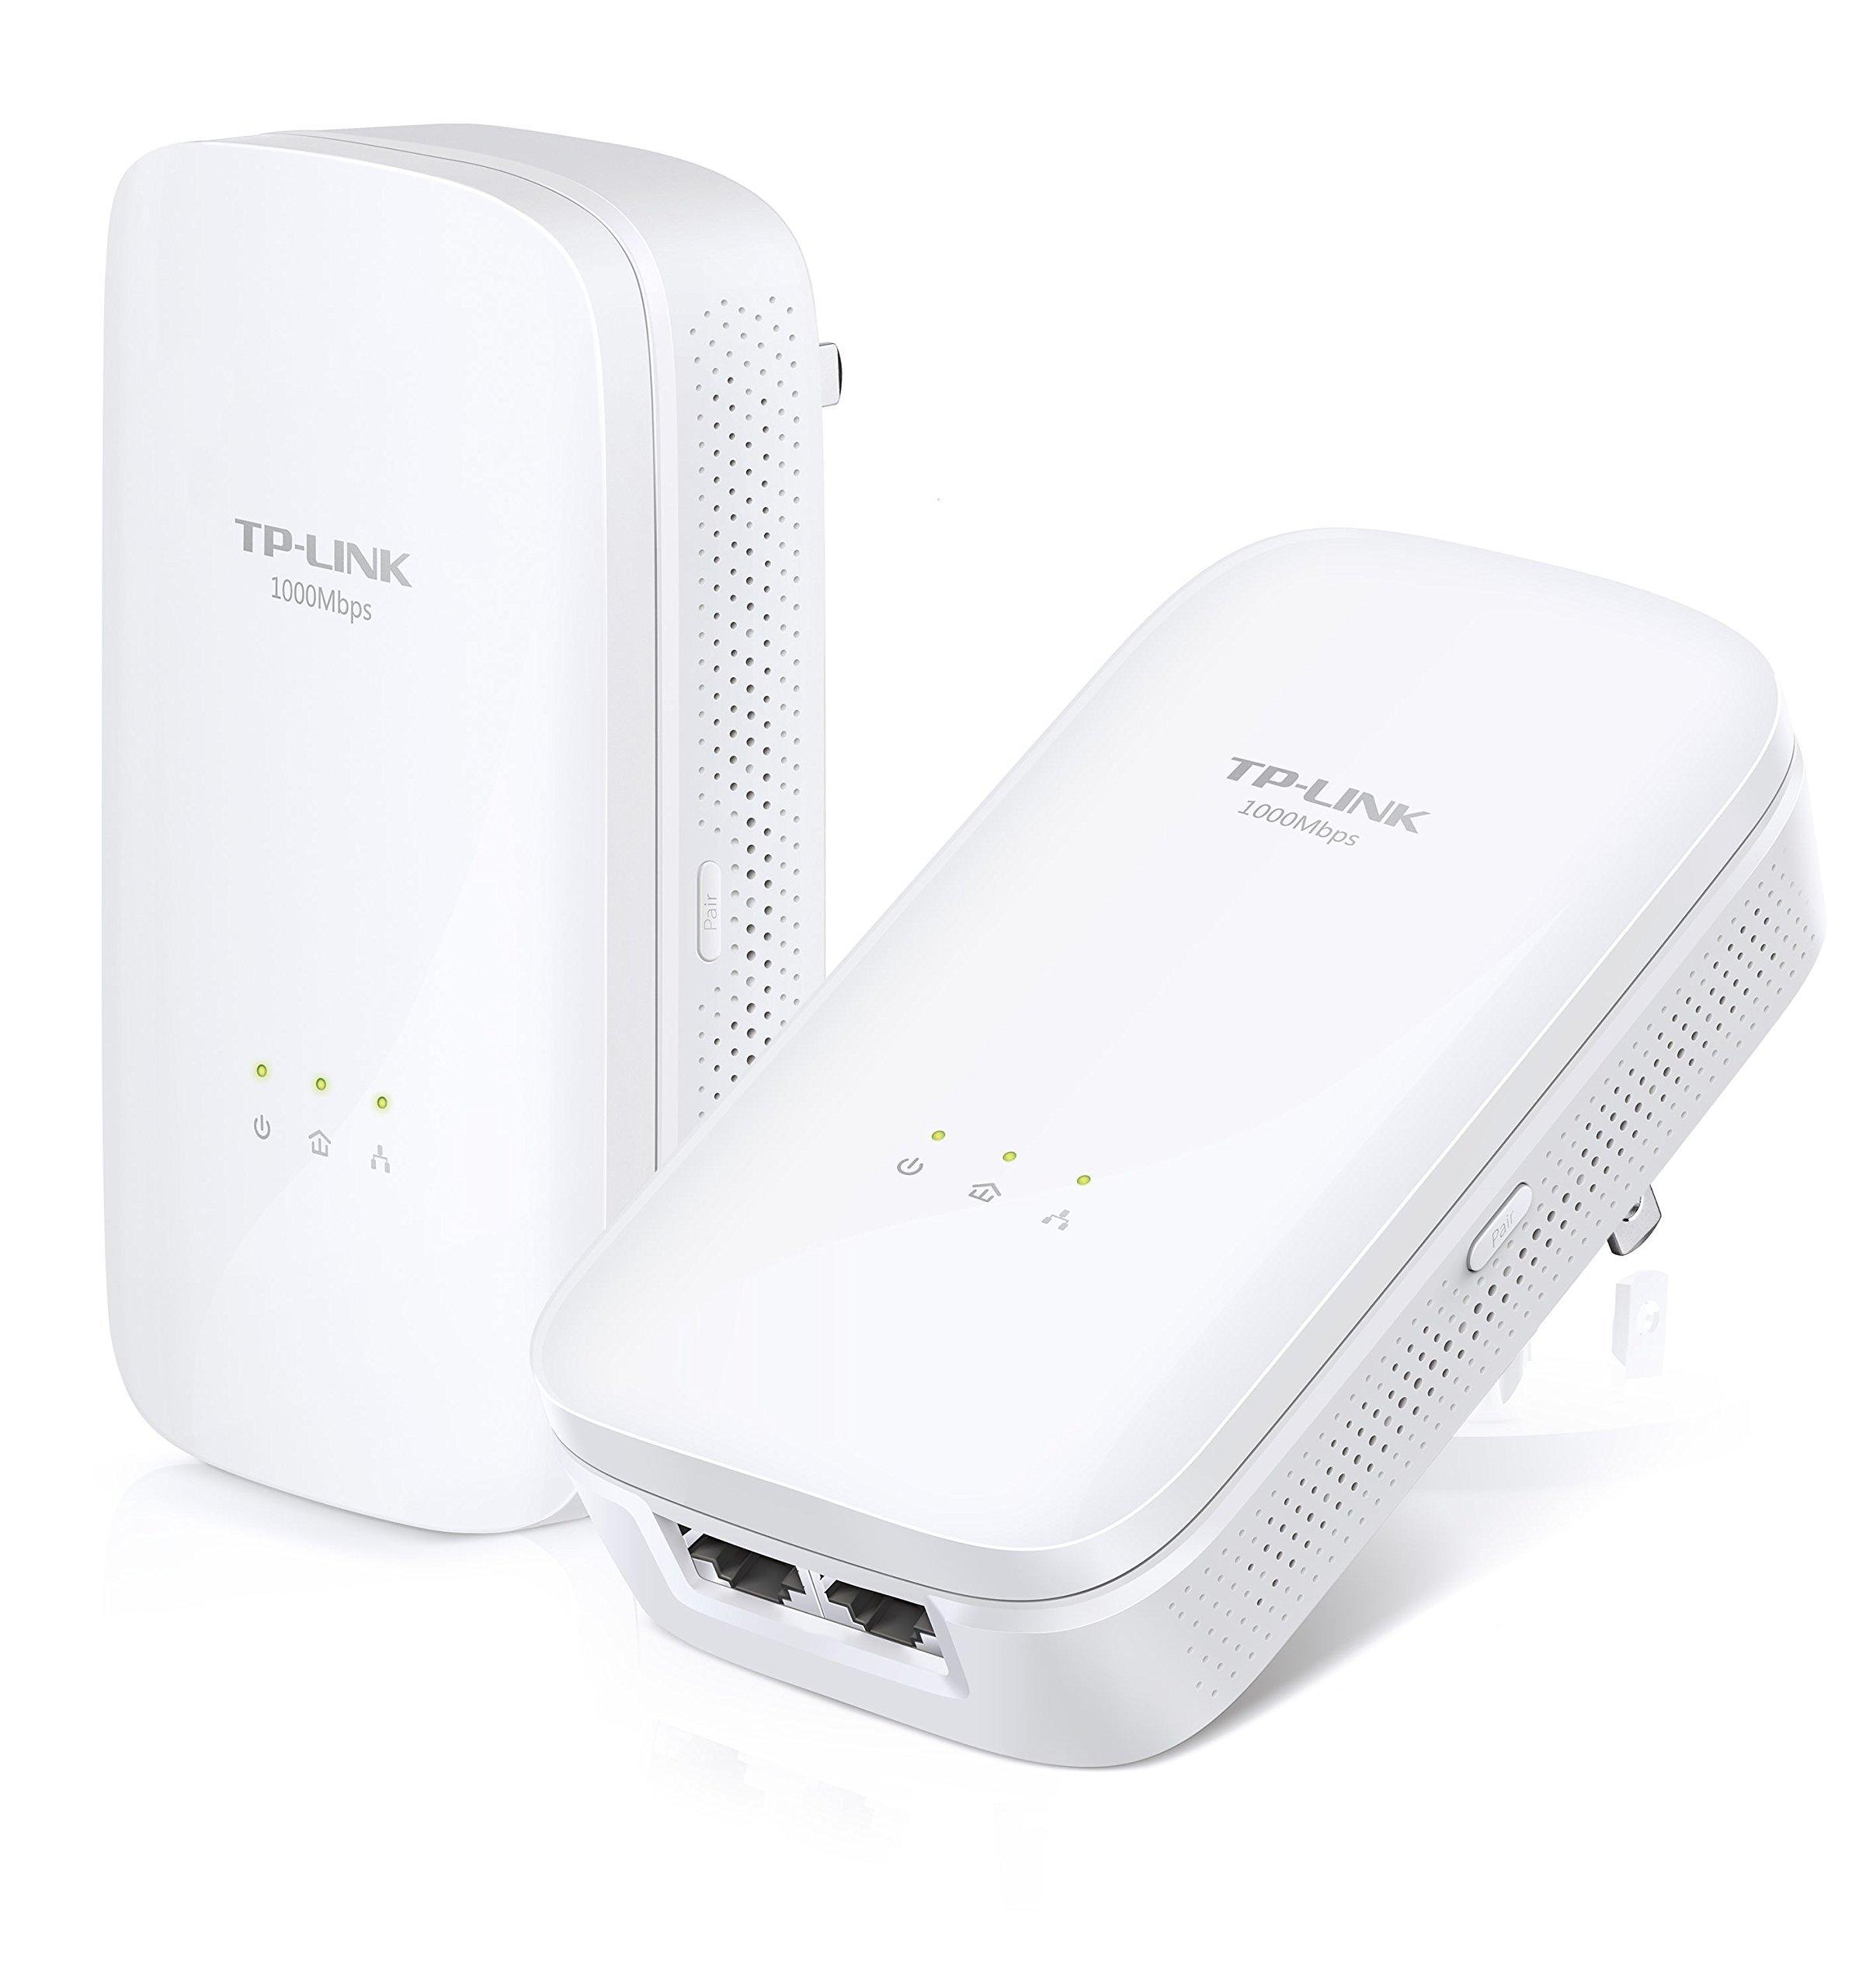 TP-Link AV1000 2-Port Gigabit Powerline Adapter, Up to 1000Mbps (TL-PA7020 KIT) (Certified Refurbished)